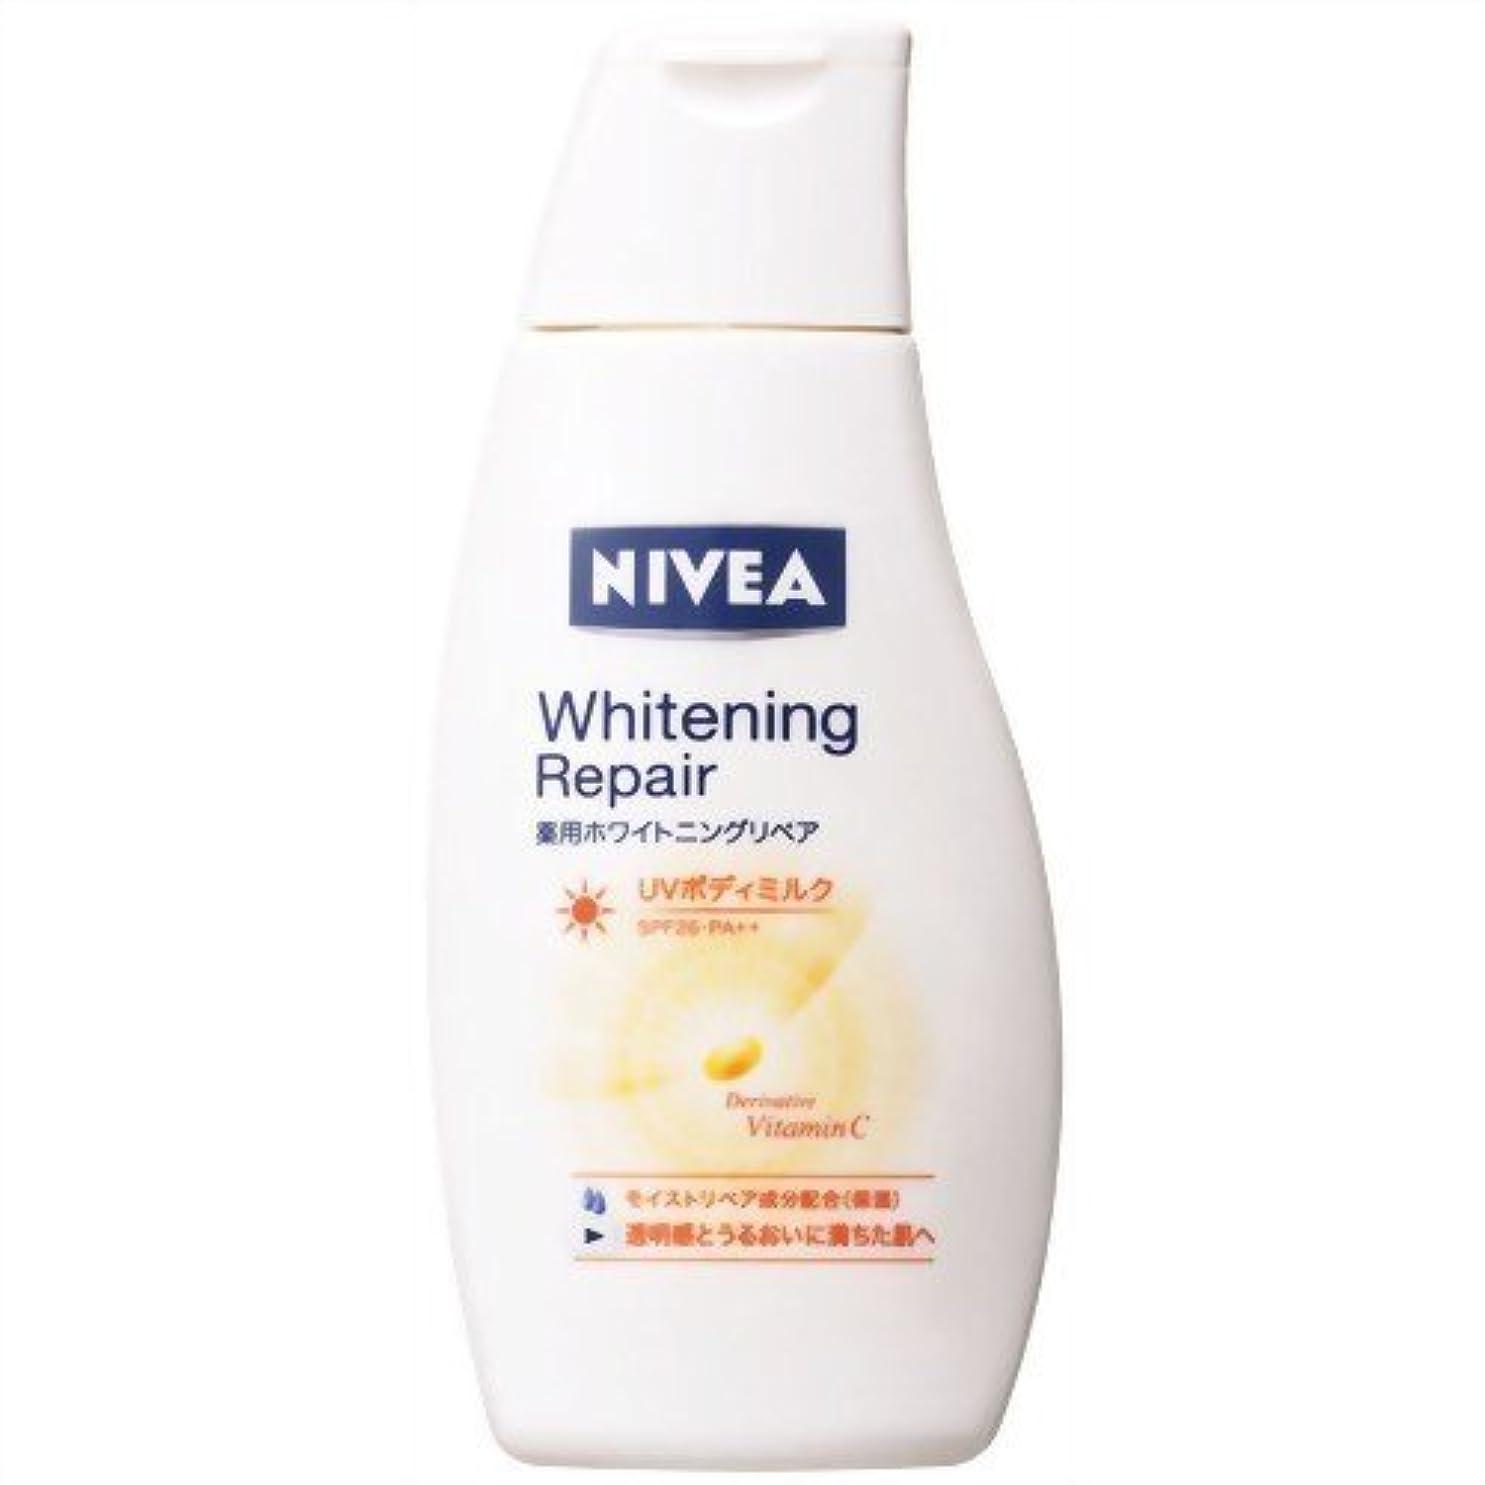 ディスカウント貢献ビルダーニベア 薬用ホワイトニングリペア UVボディミルク(150mL)